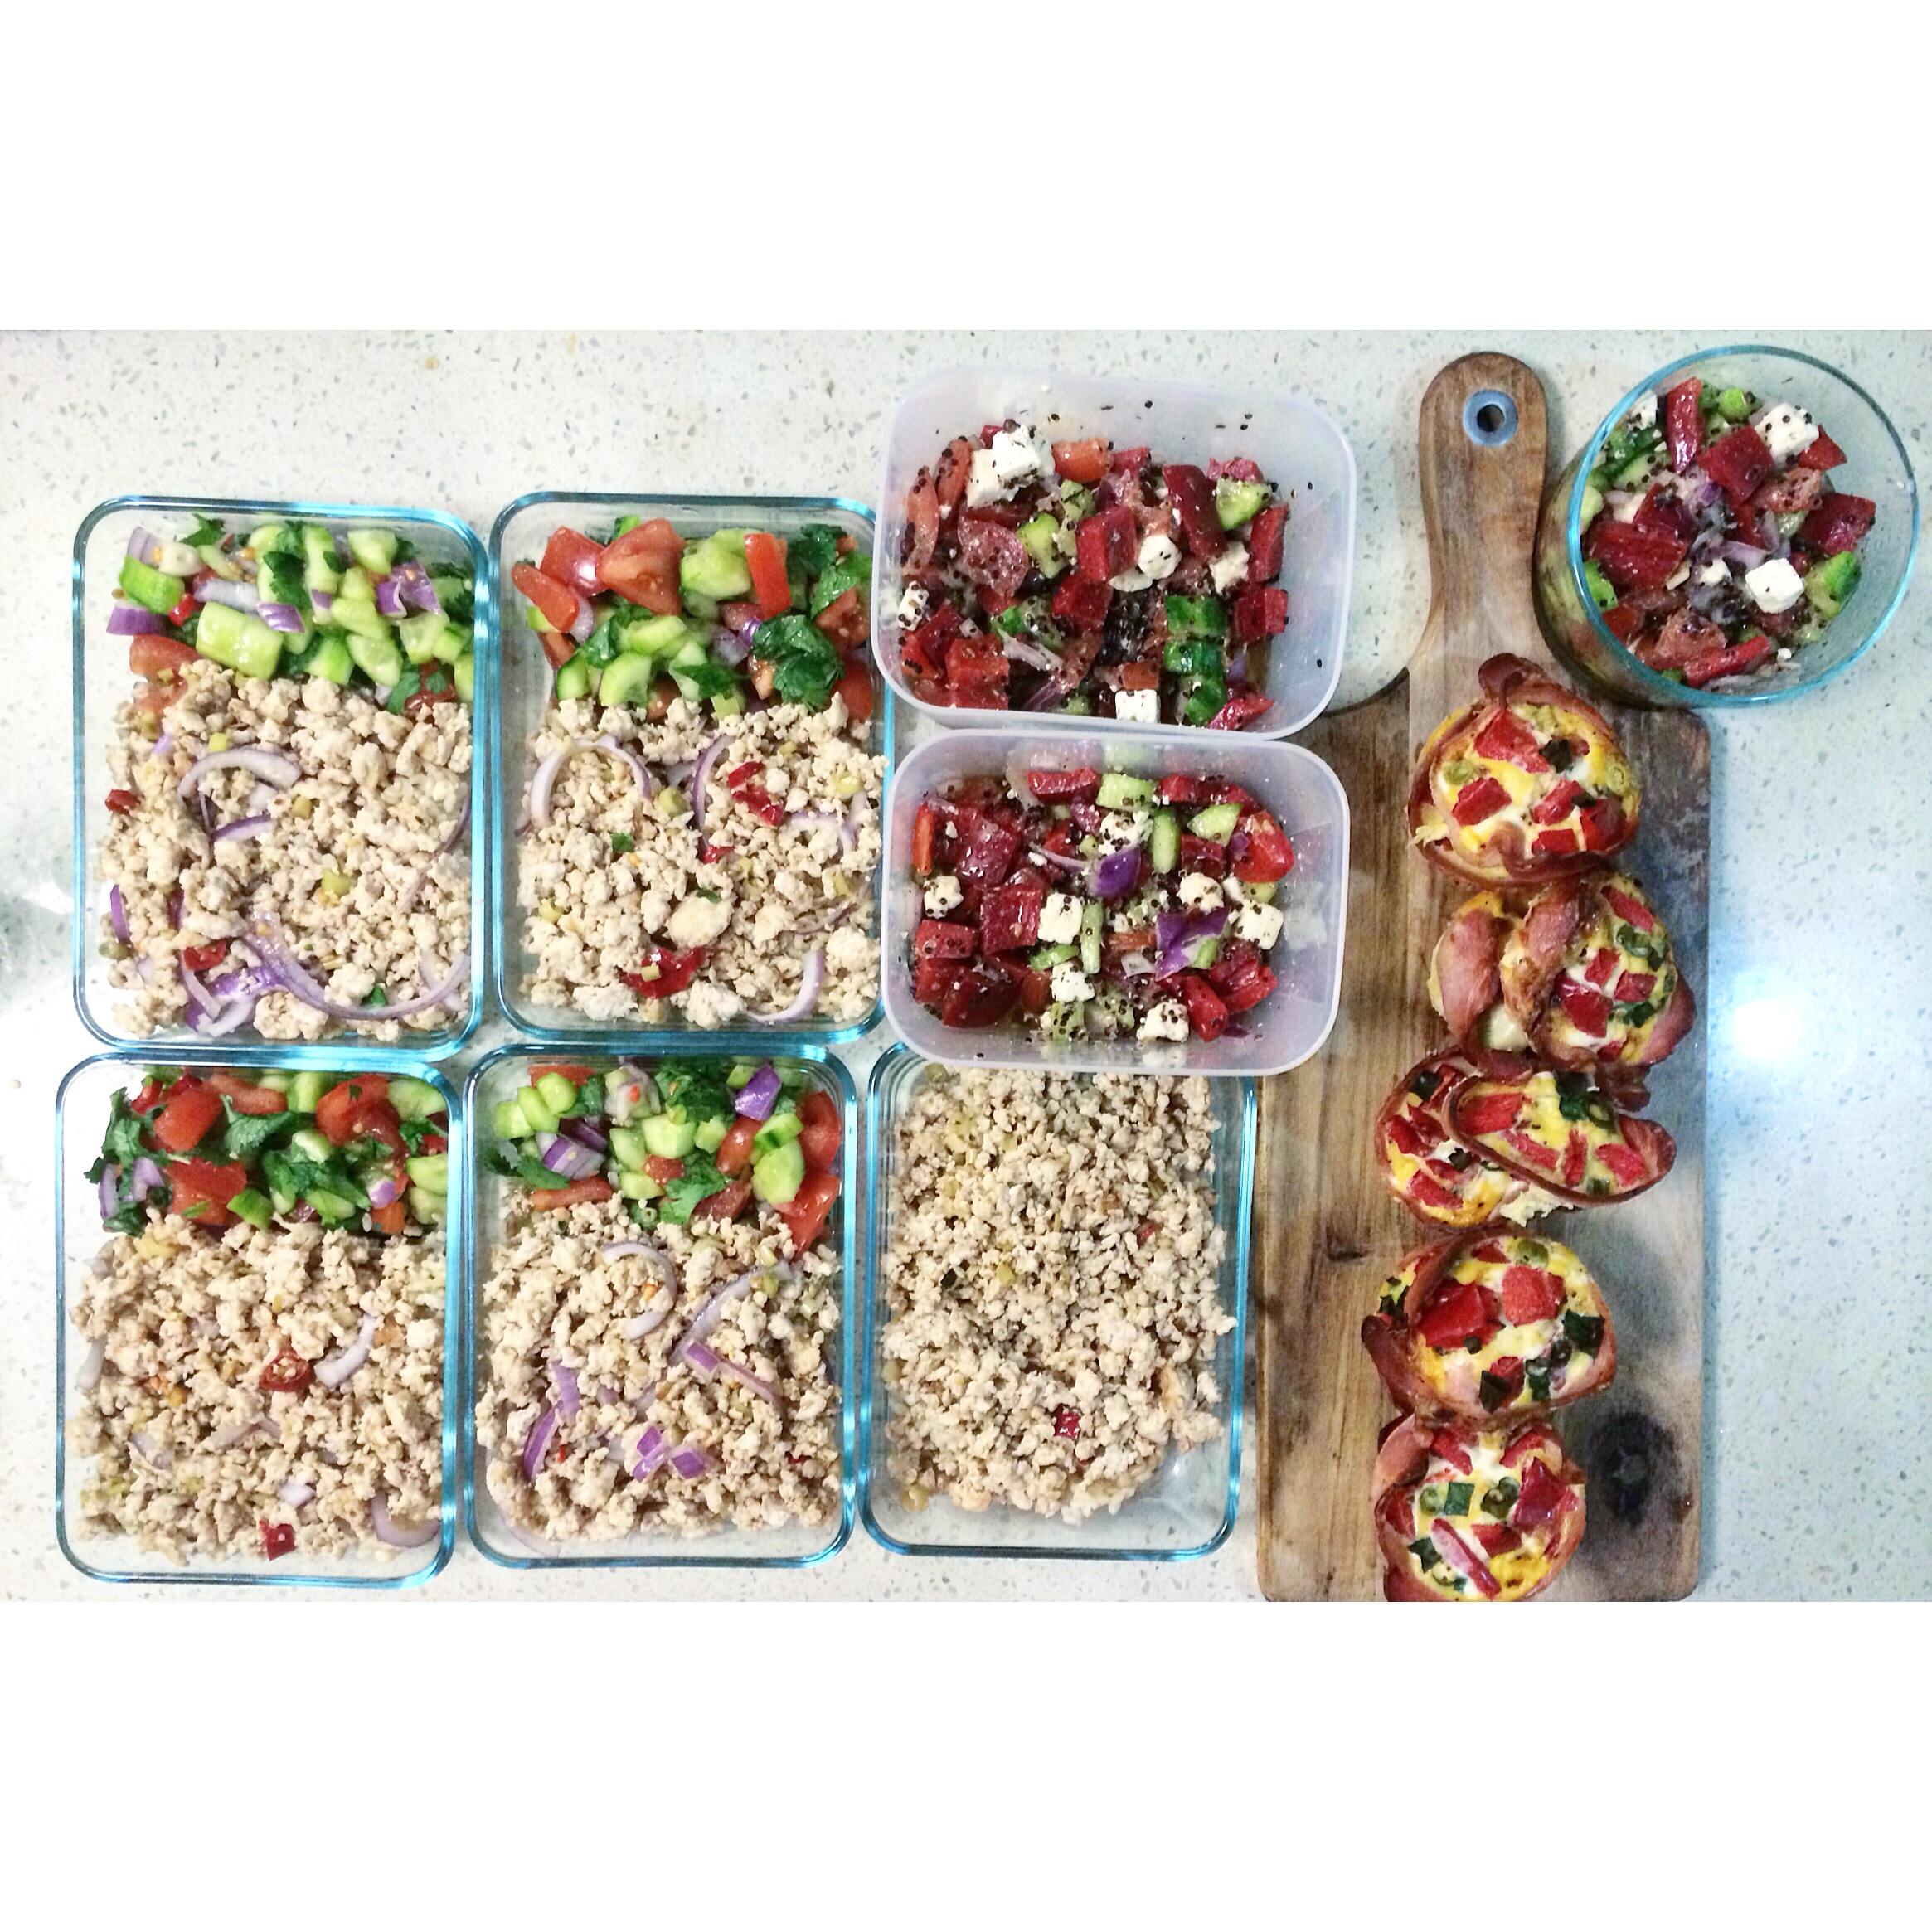 Healthy Eating - Meal Prep